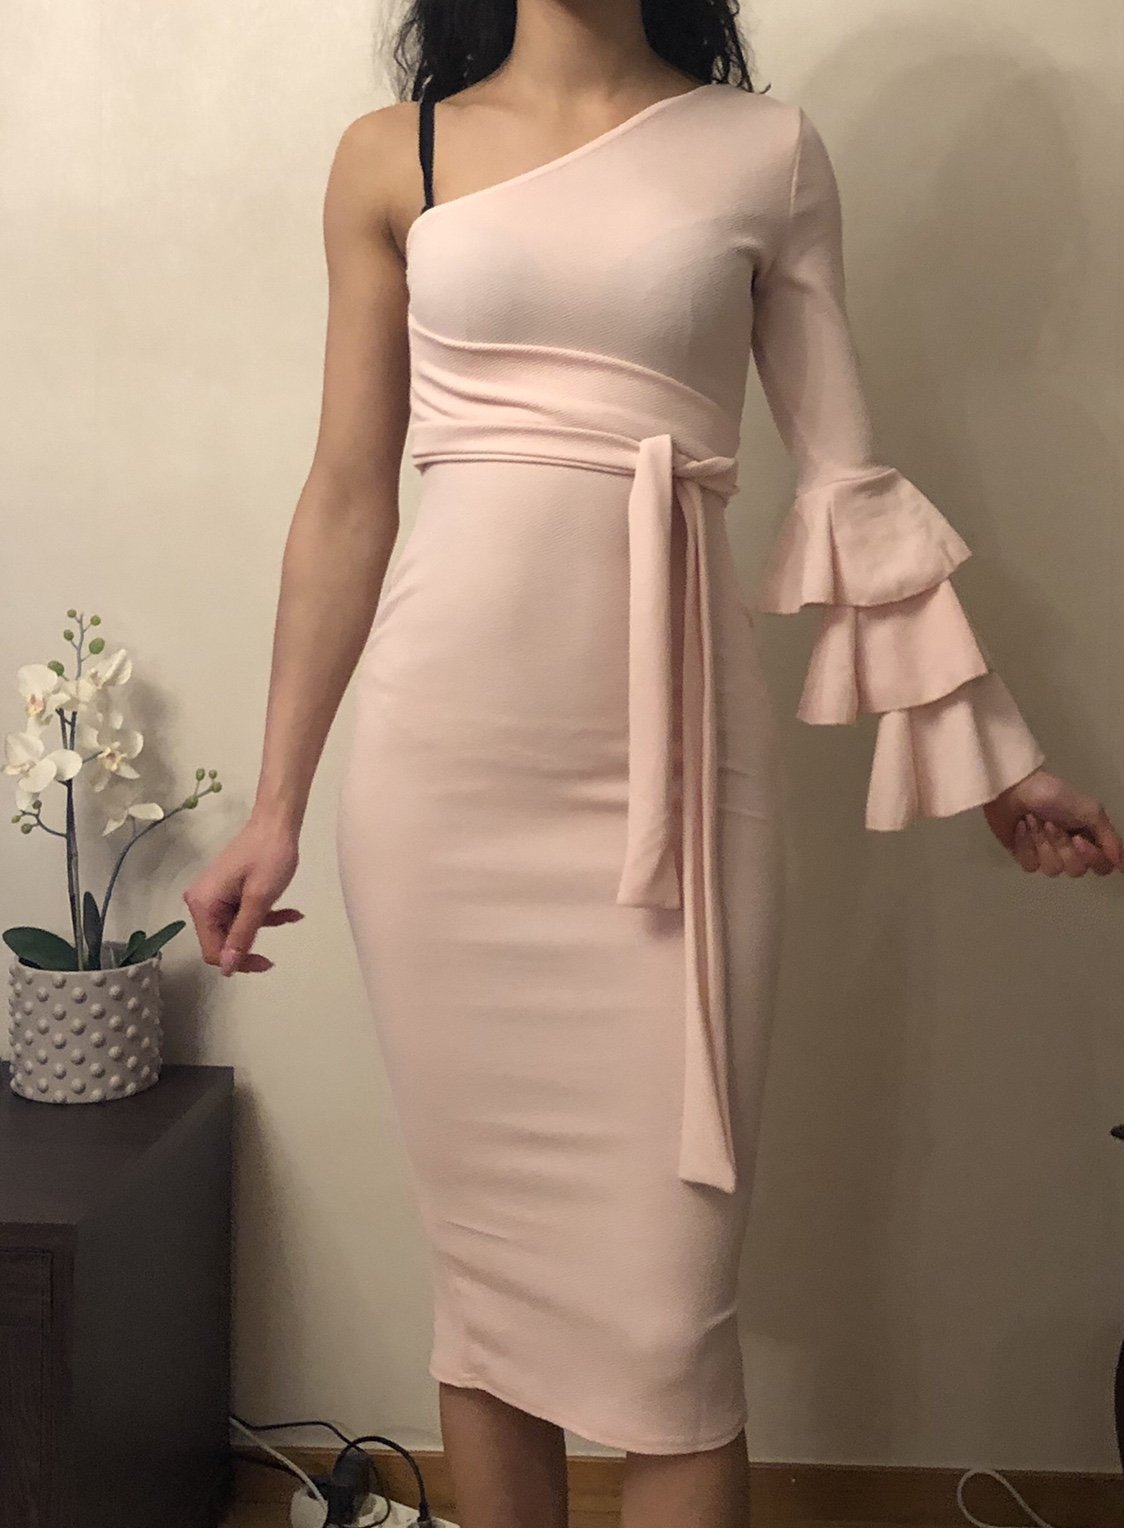 fcd95449ba75 Festklänning klänning storlek 34-36 (352253922) ᐈ Köp på Tradera